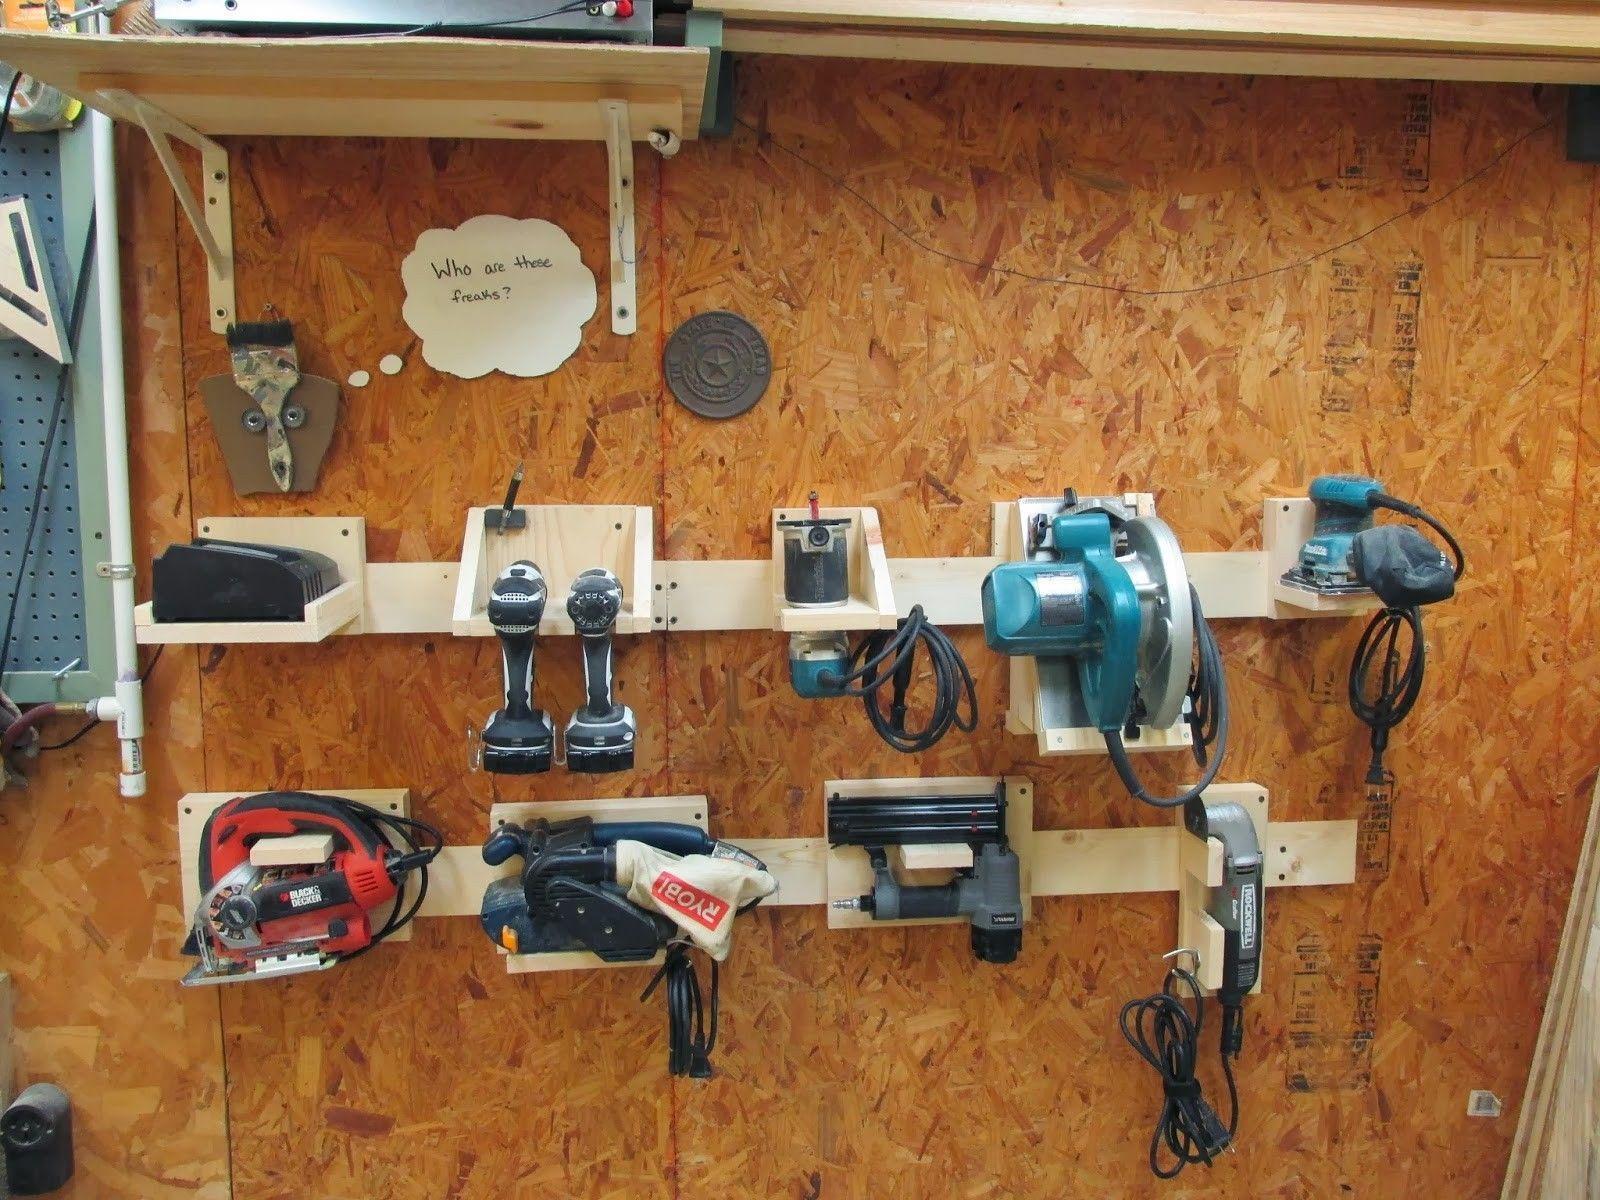 ordnung in der werkstatt handmaschinen aufr umen vorrichtungen hilfseinrichtungen. Black Bedroom Furniture Sets. Home Design Ideas